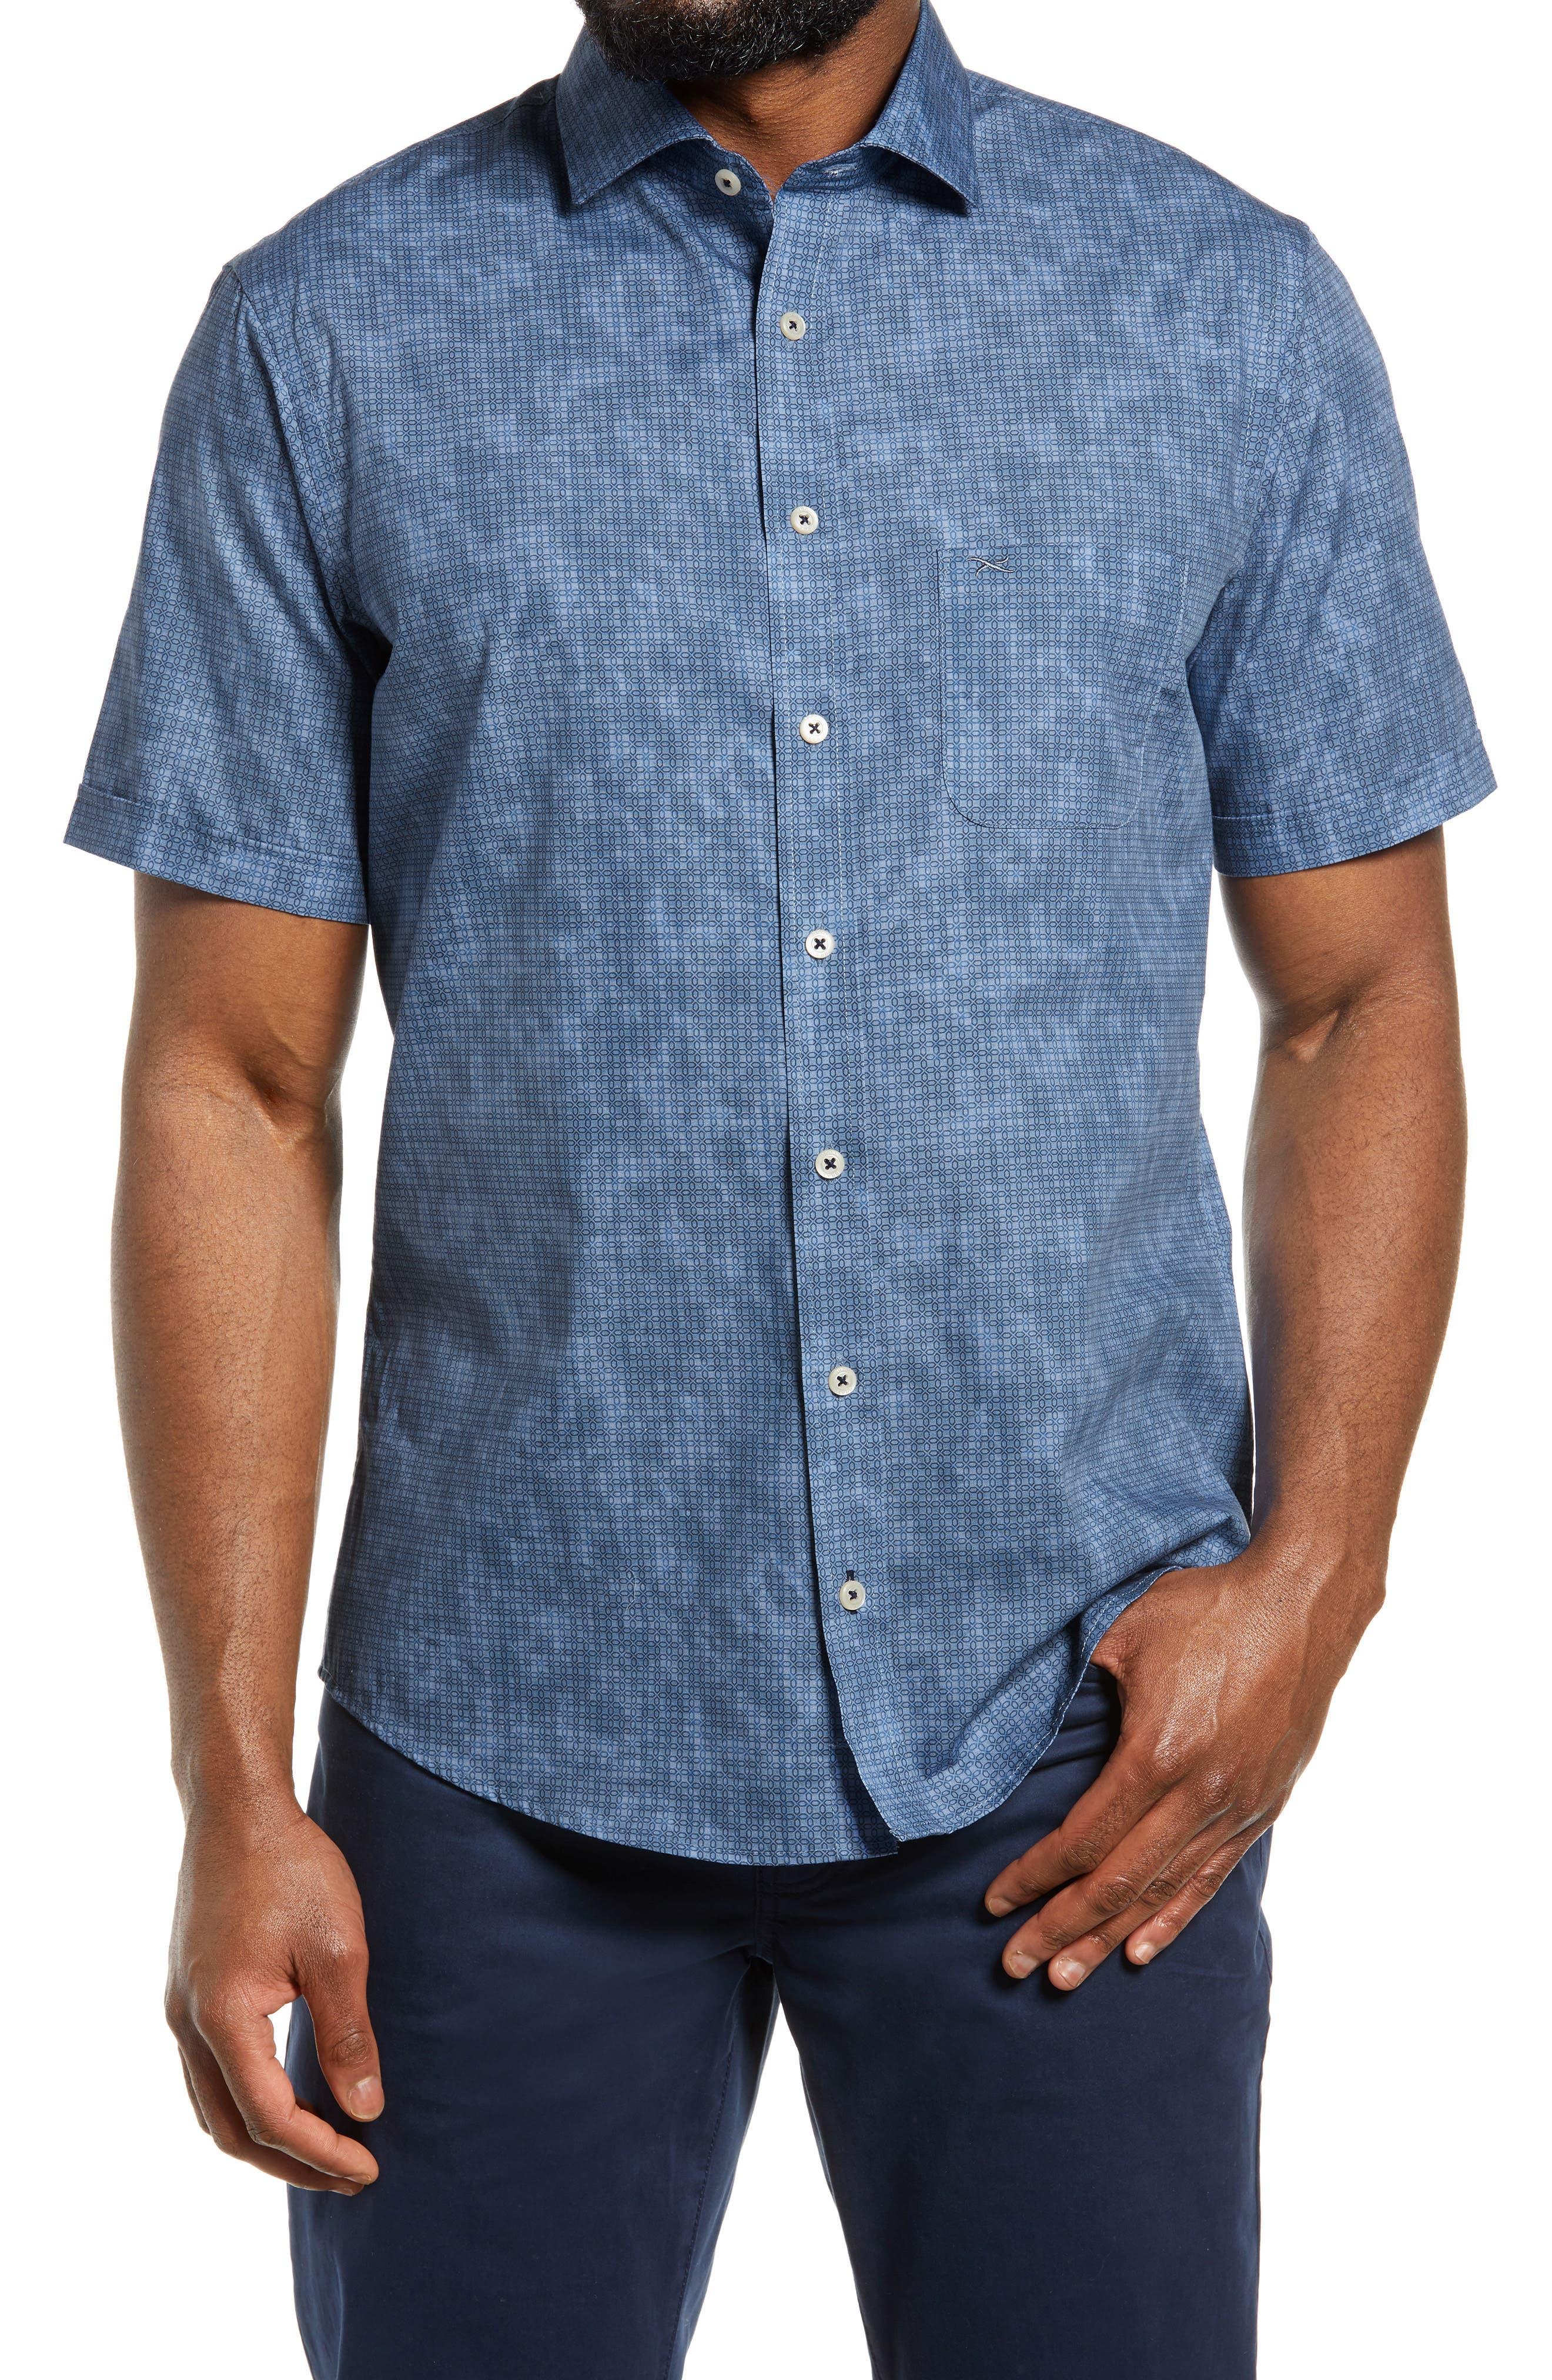 Hardy Regular Fit Short Sleeve Button-Up Shirt